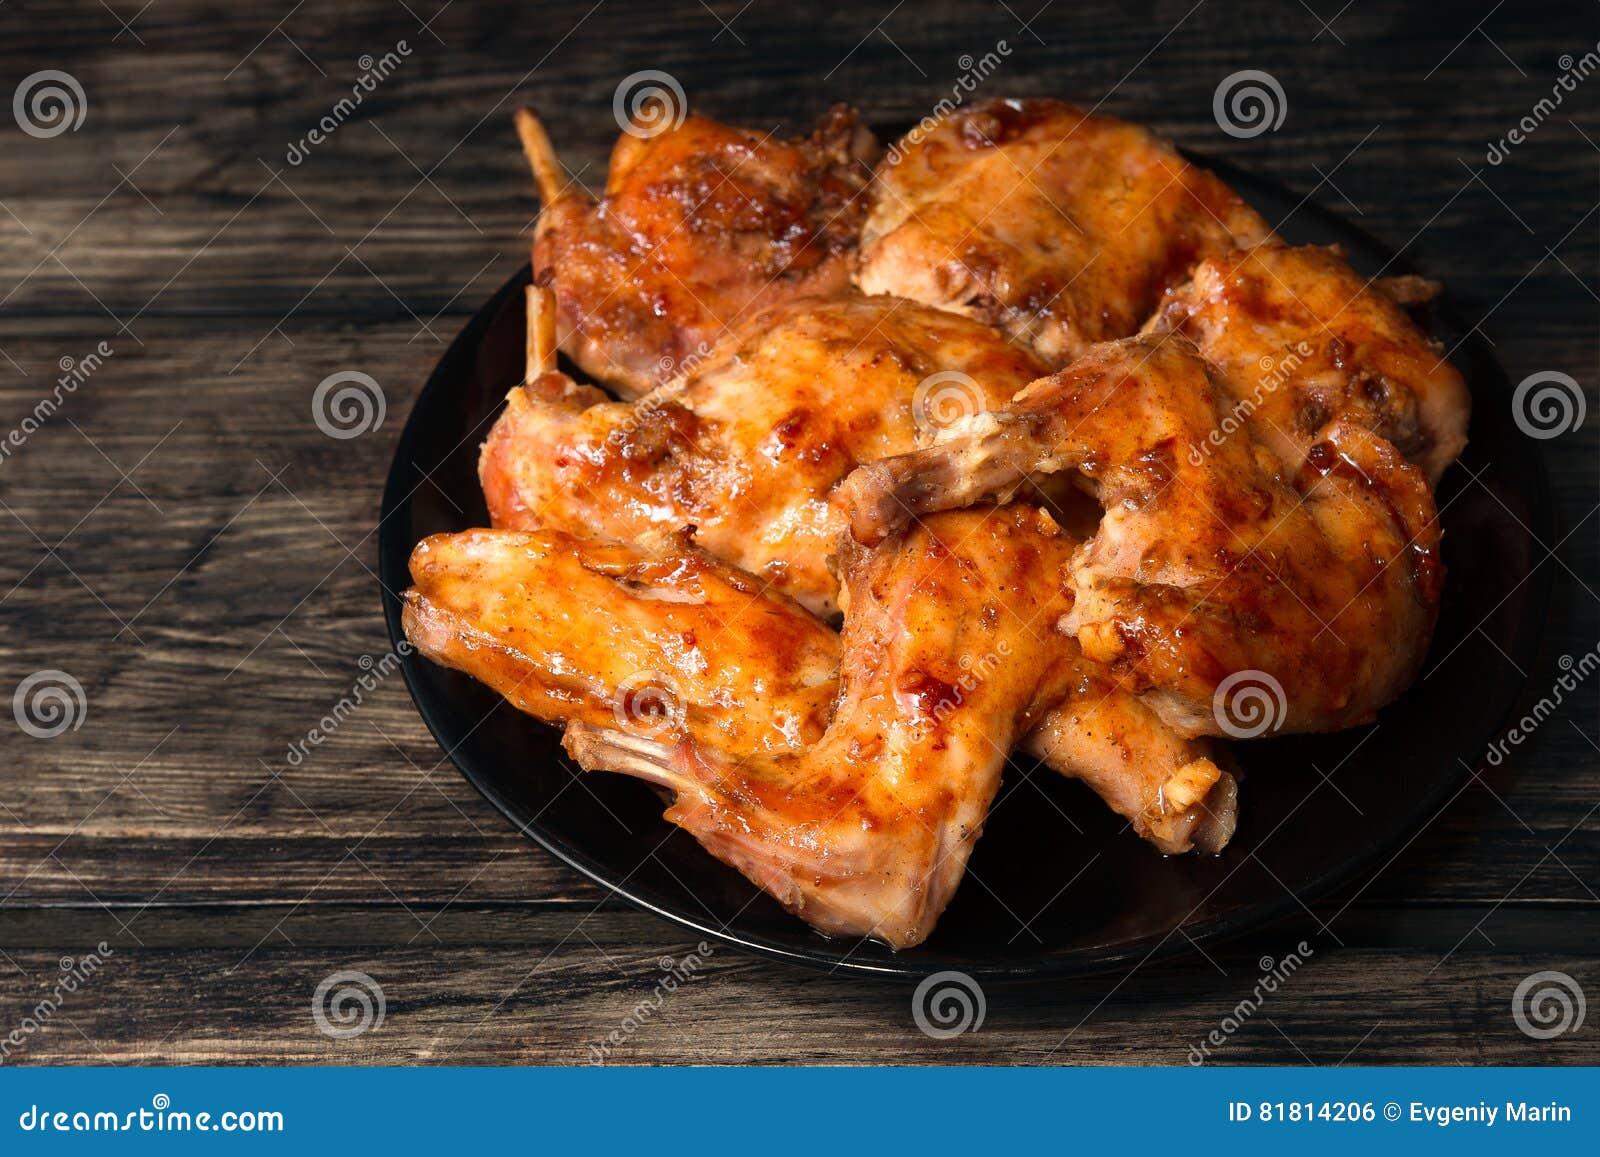 Кролик испек в печи в красном соусе